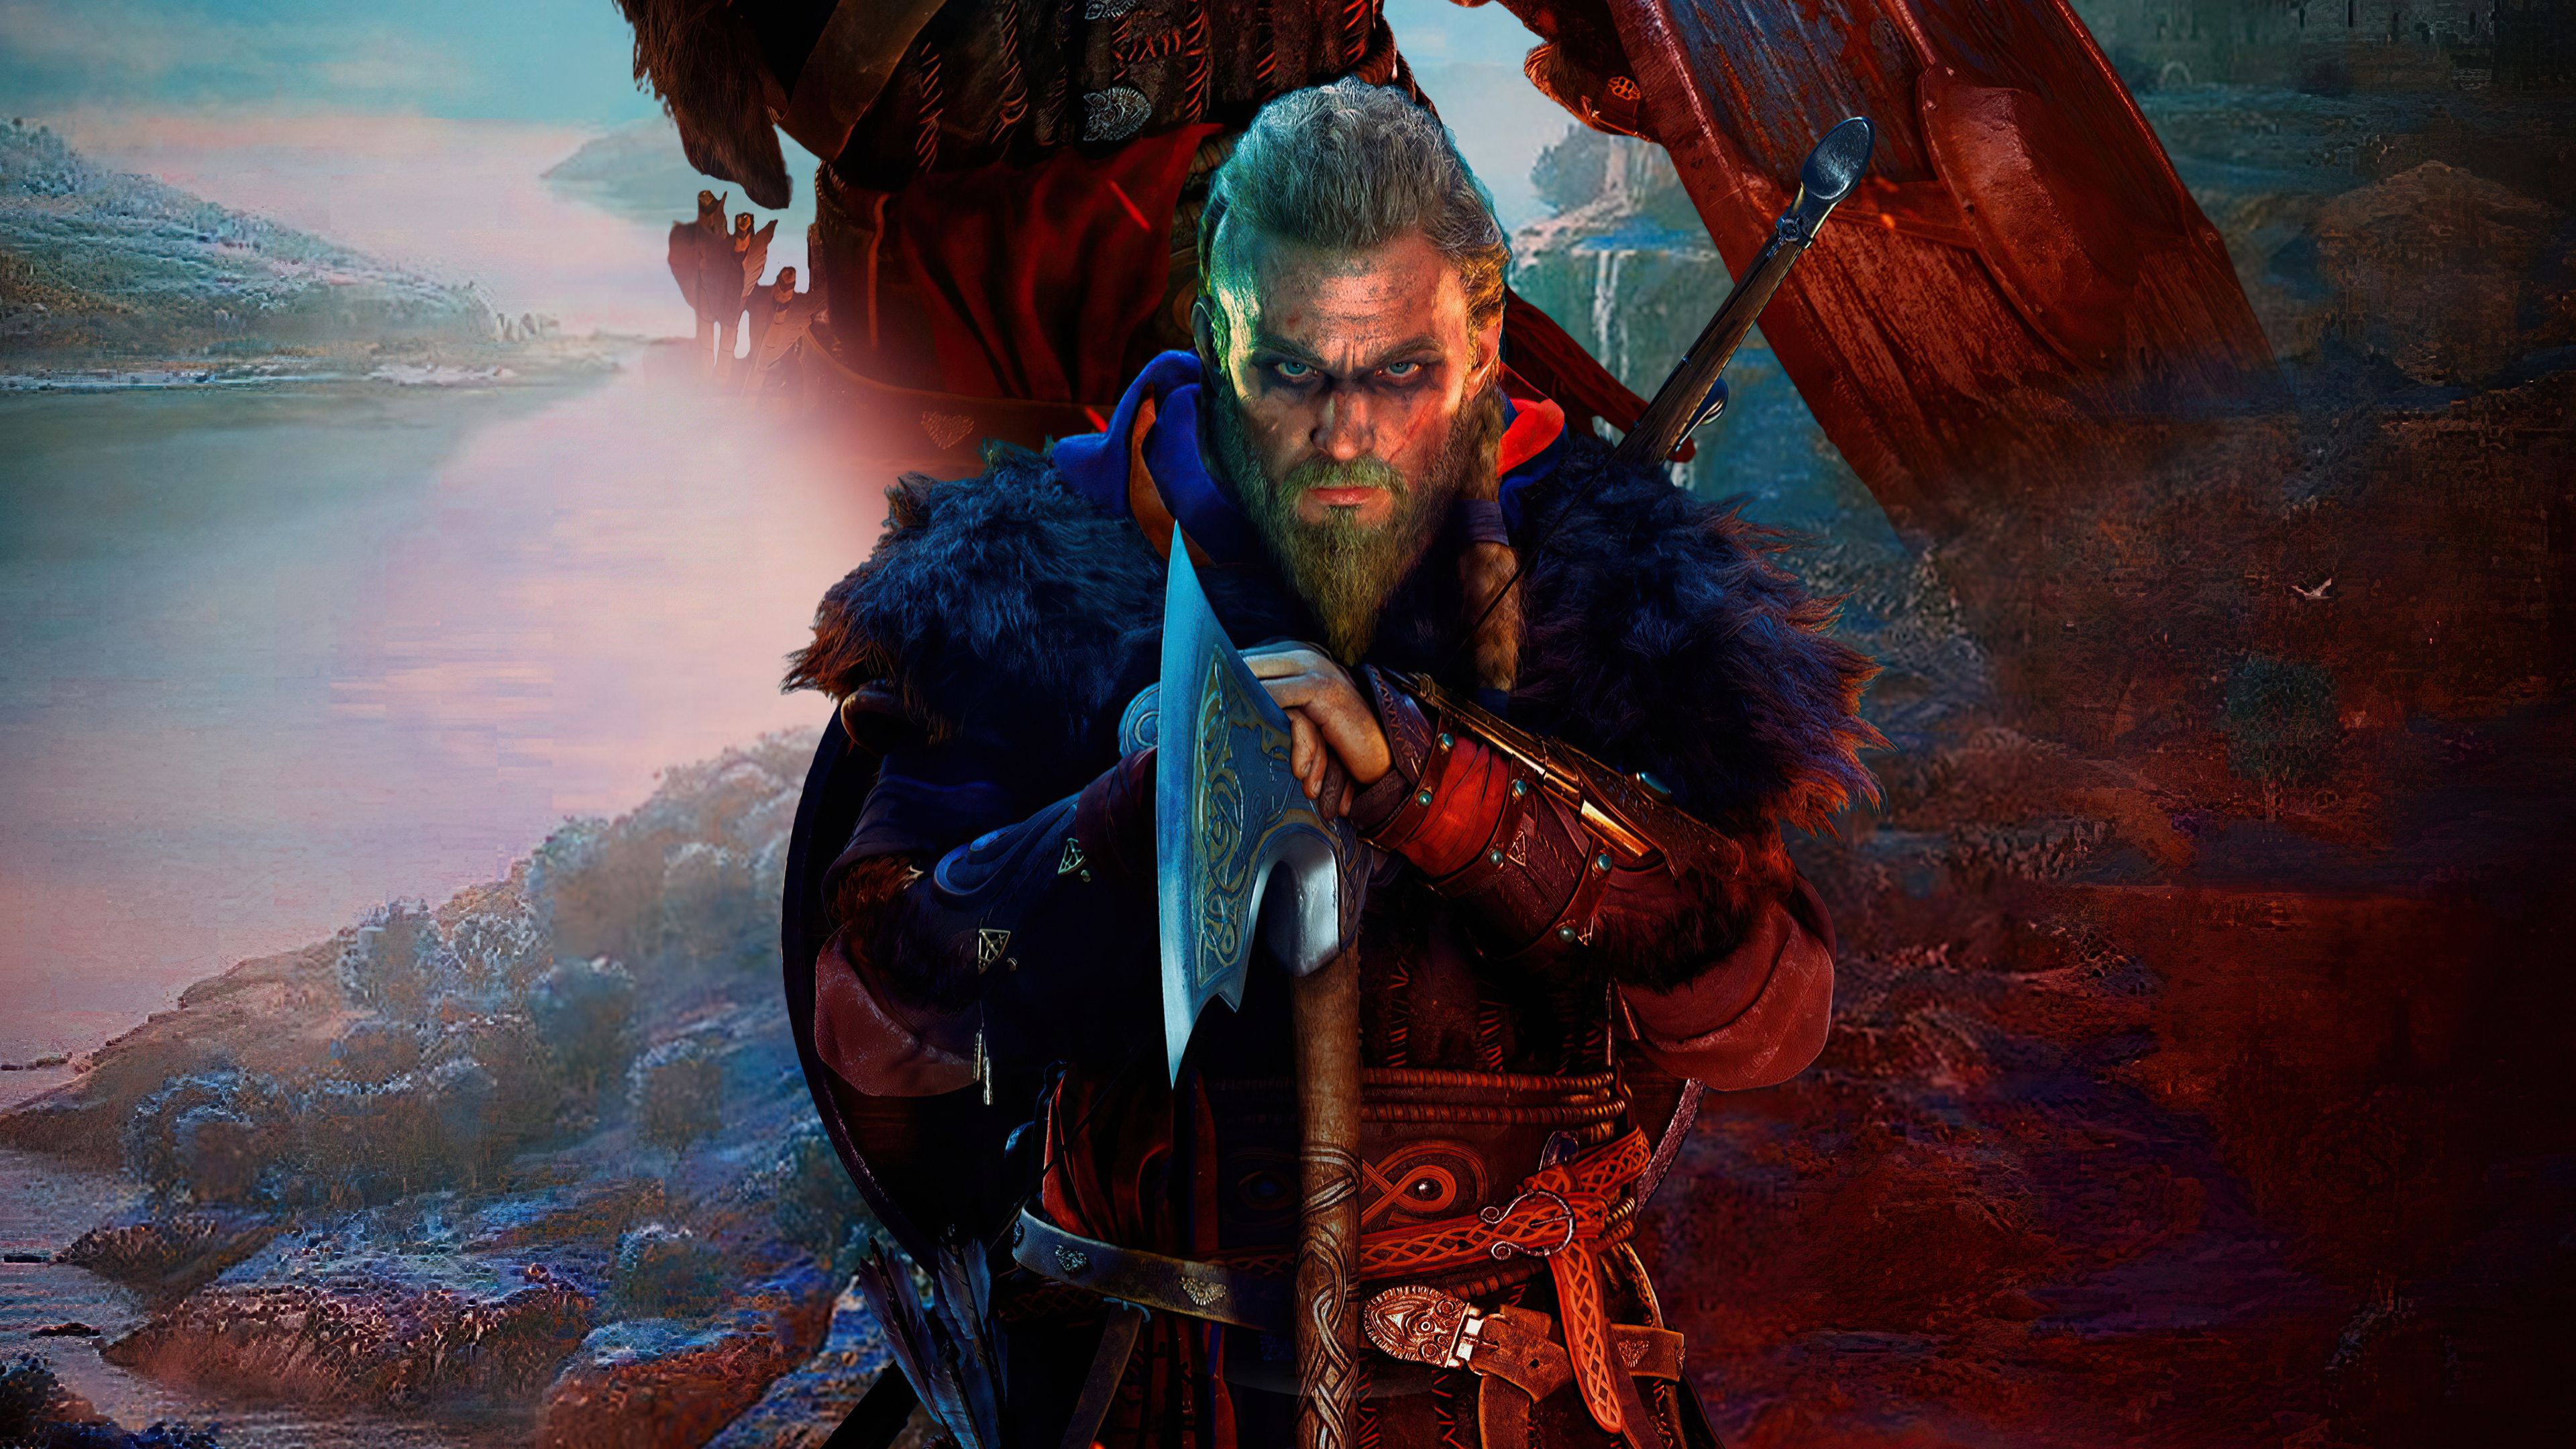 Wallpaper Assassins Creed Valhalla PS5 2021